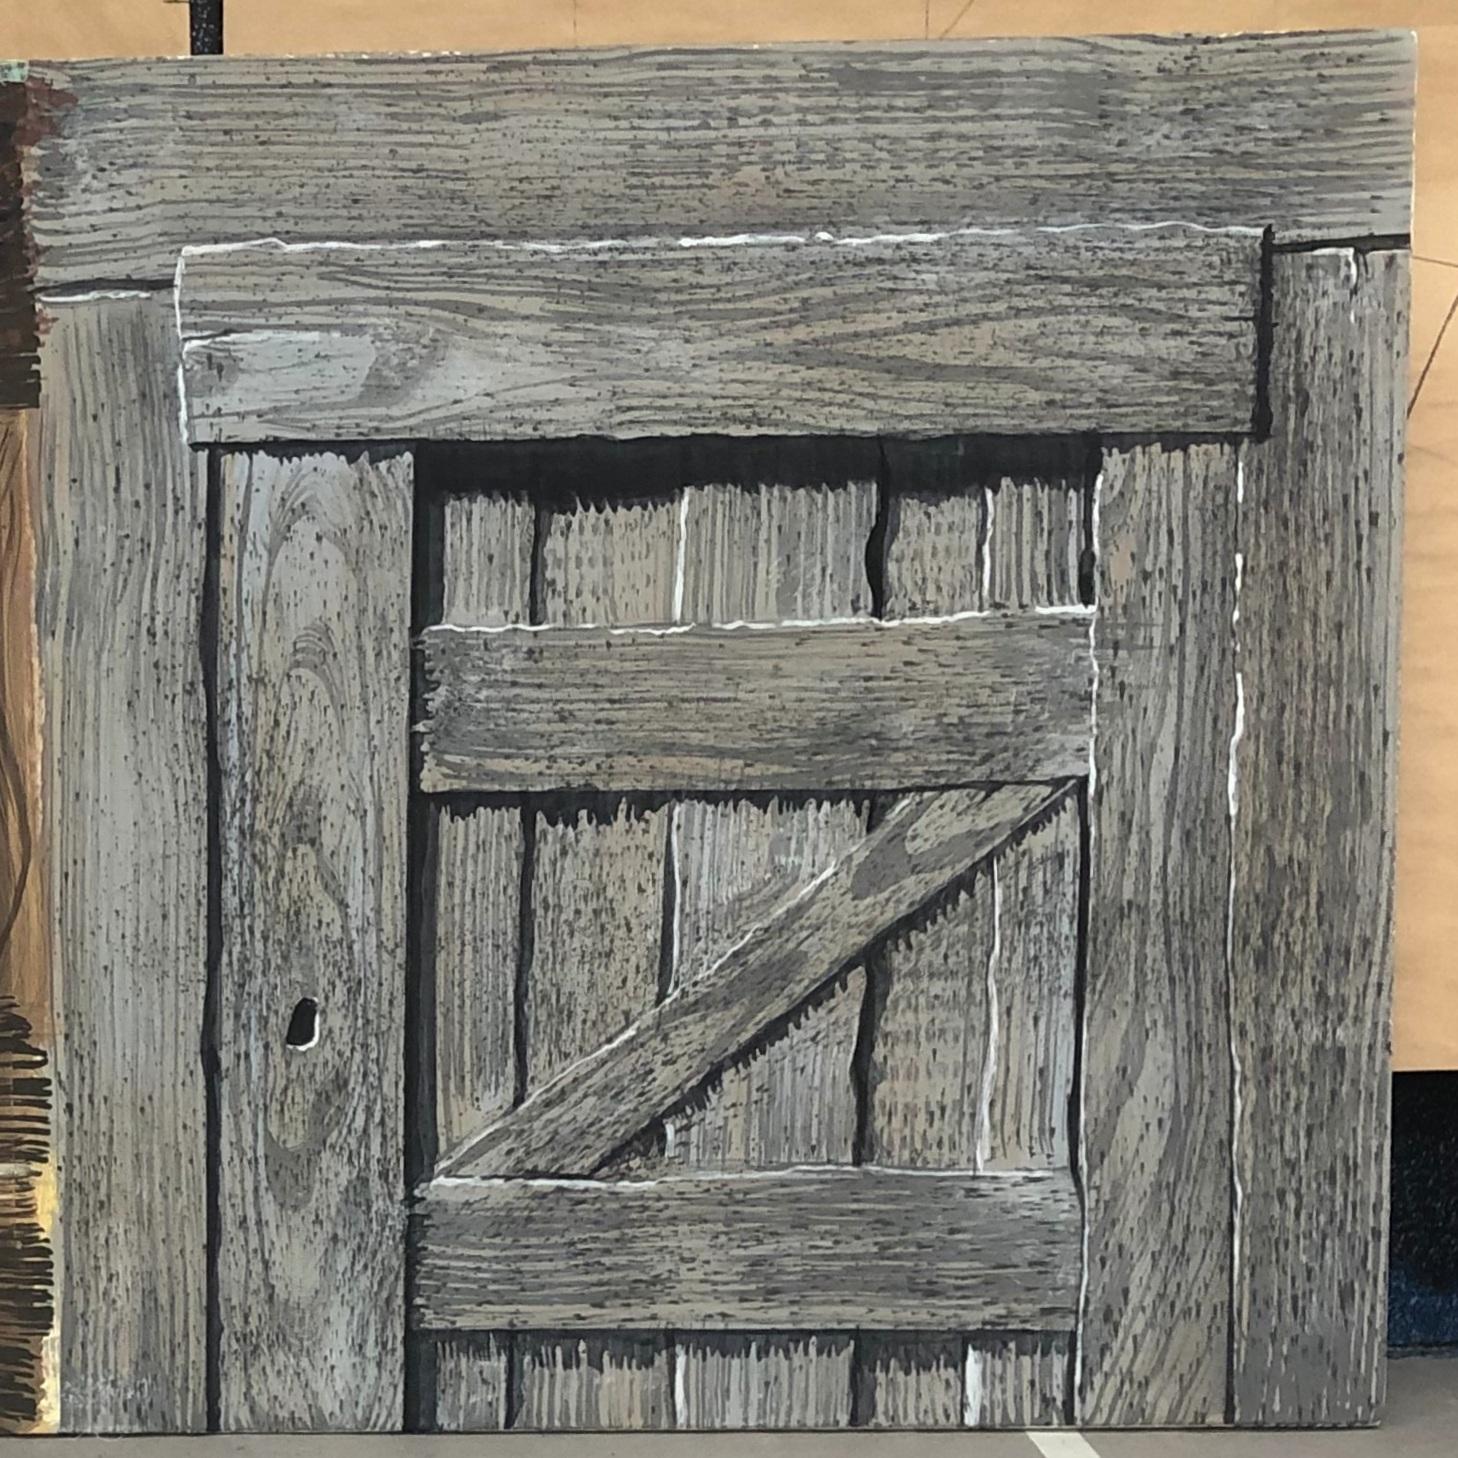 Barn Door Texture Study